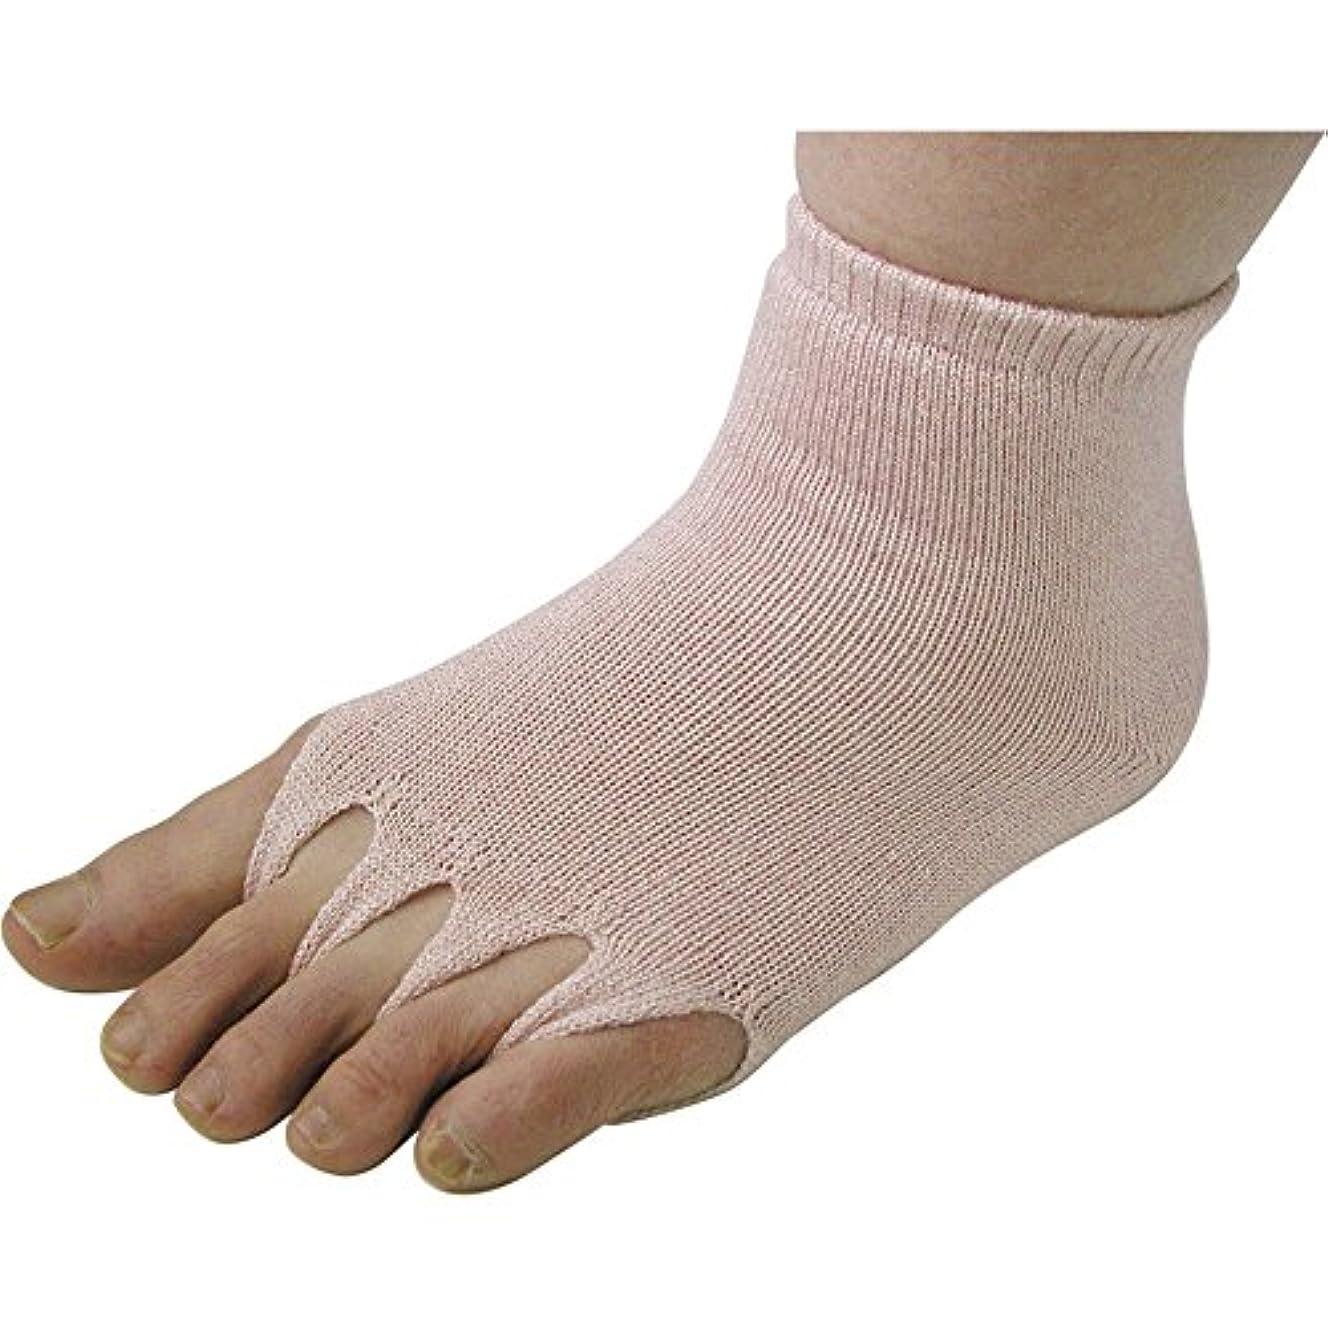 ポークビジュアル吐き出すユニロック 指ぬき健康ソックス ゴムあり M (サーモンピンク)